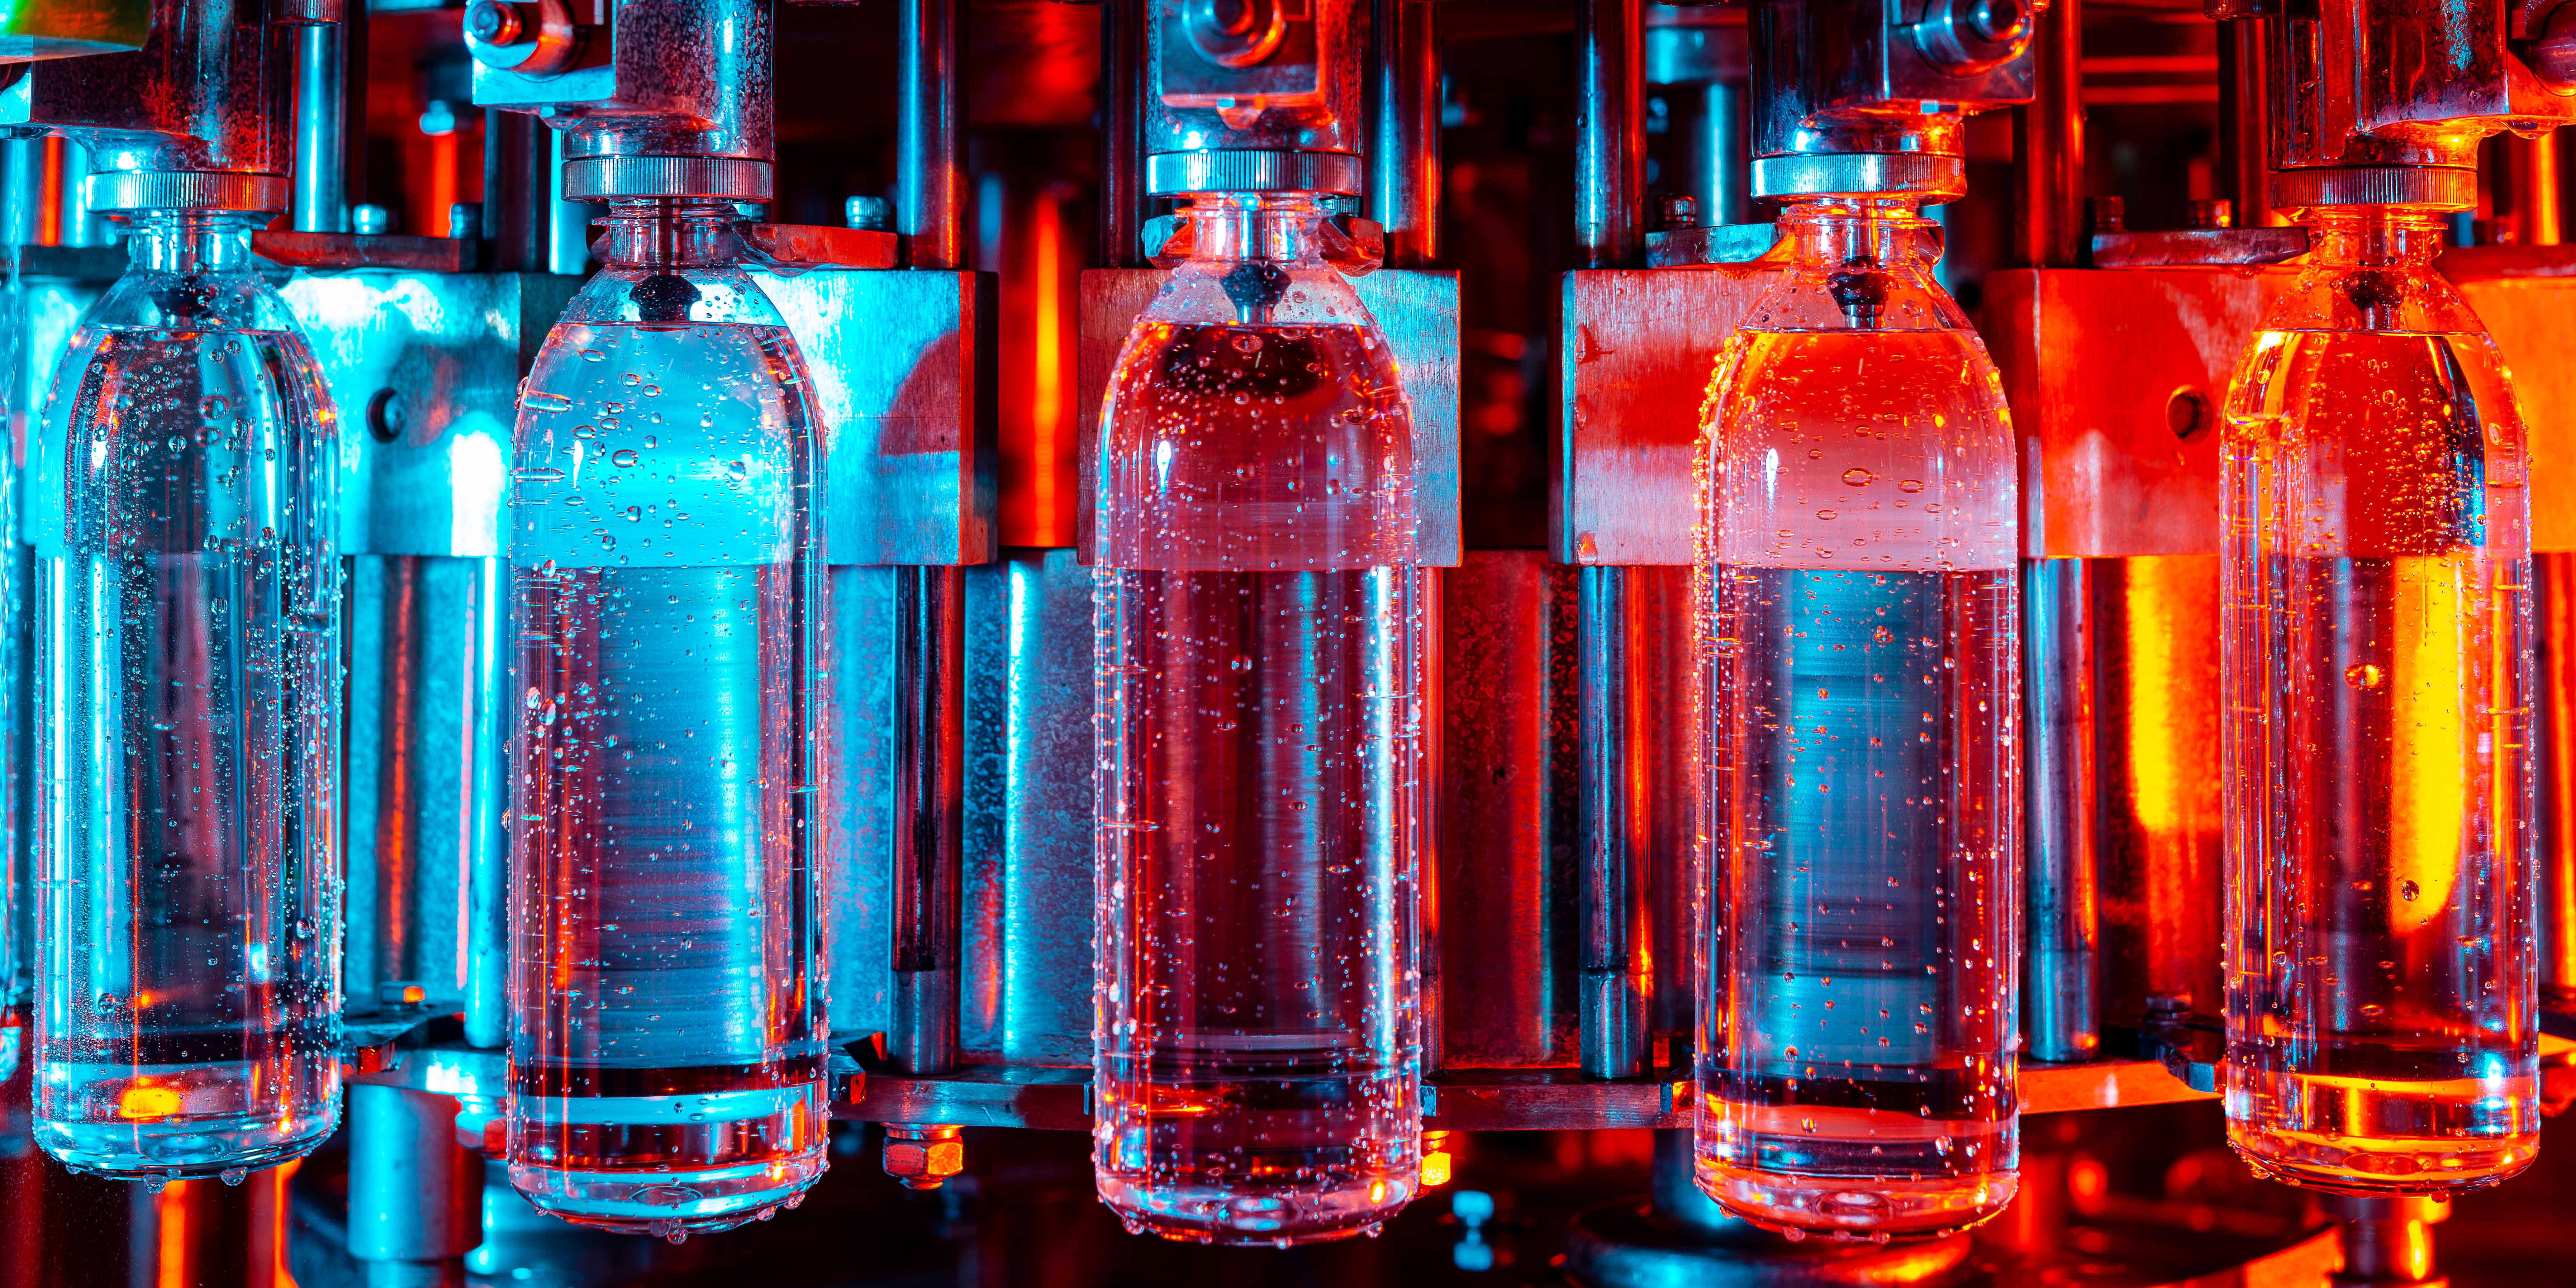 Второй цикл вебинаров по маркировке молочной продукции, воды и пива